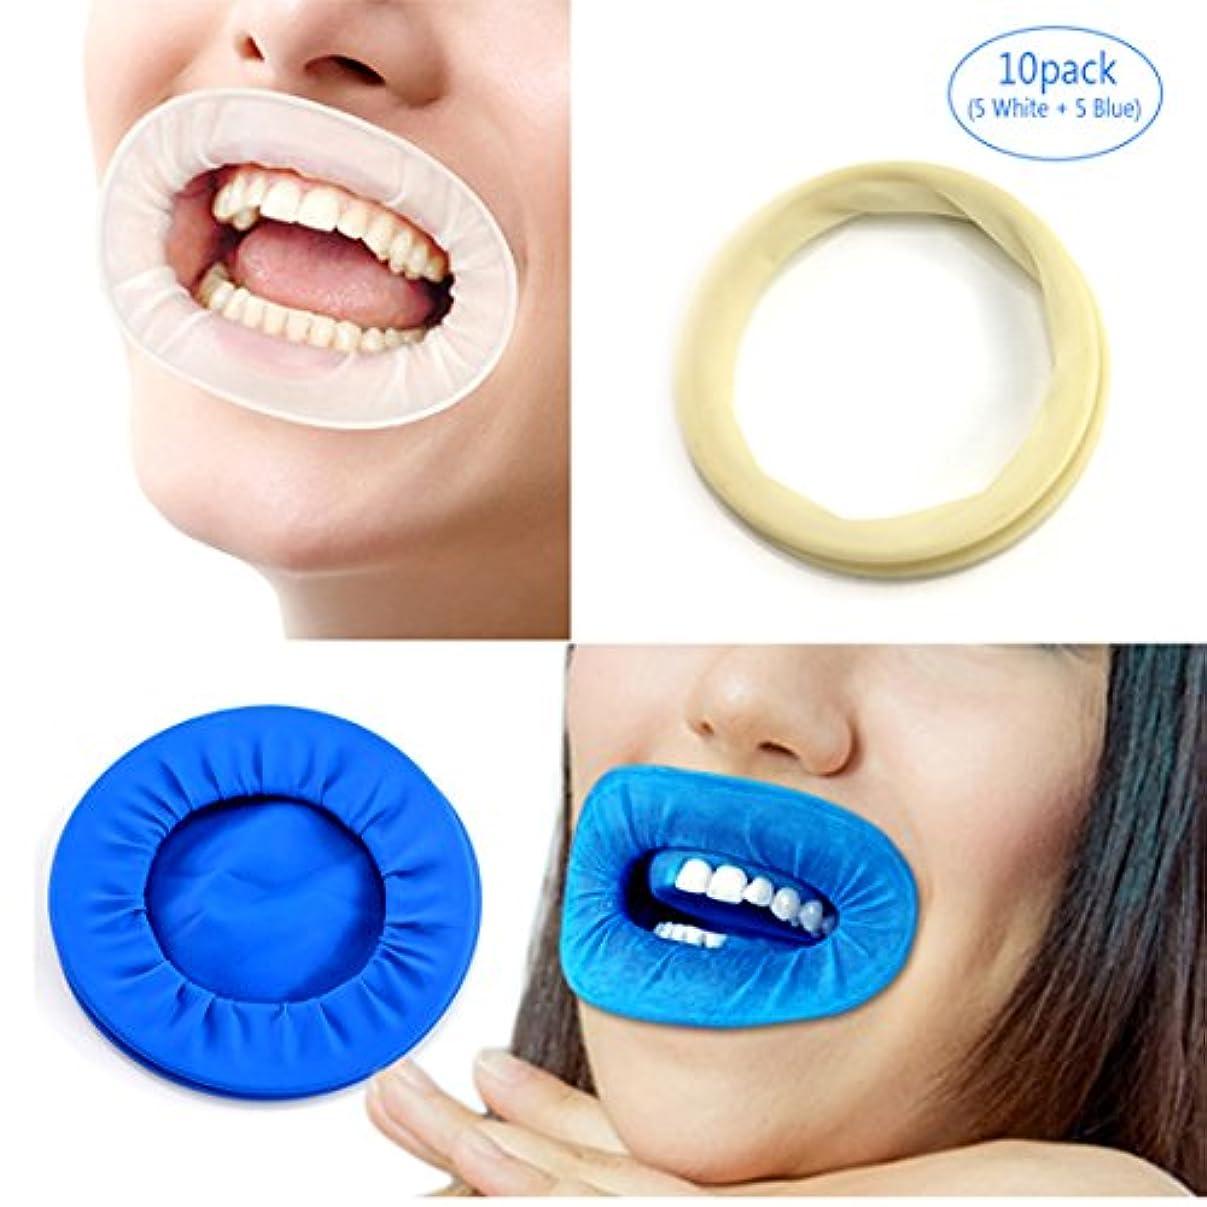 変数反響するグレートバリアリーフEZGO 10個歯科用ディスポーザブル非ラテックスラバーティックリトラクタ、ラバーダム&マウスギャグオープナーは歯を分離し、液体、感染症および過酷な化学物質から口を保護します(10パック) (5white+5blue)